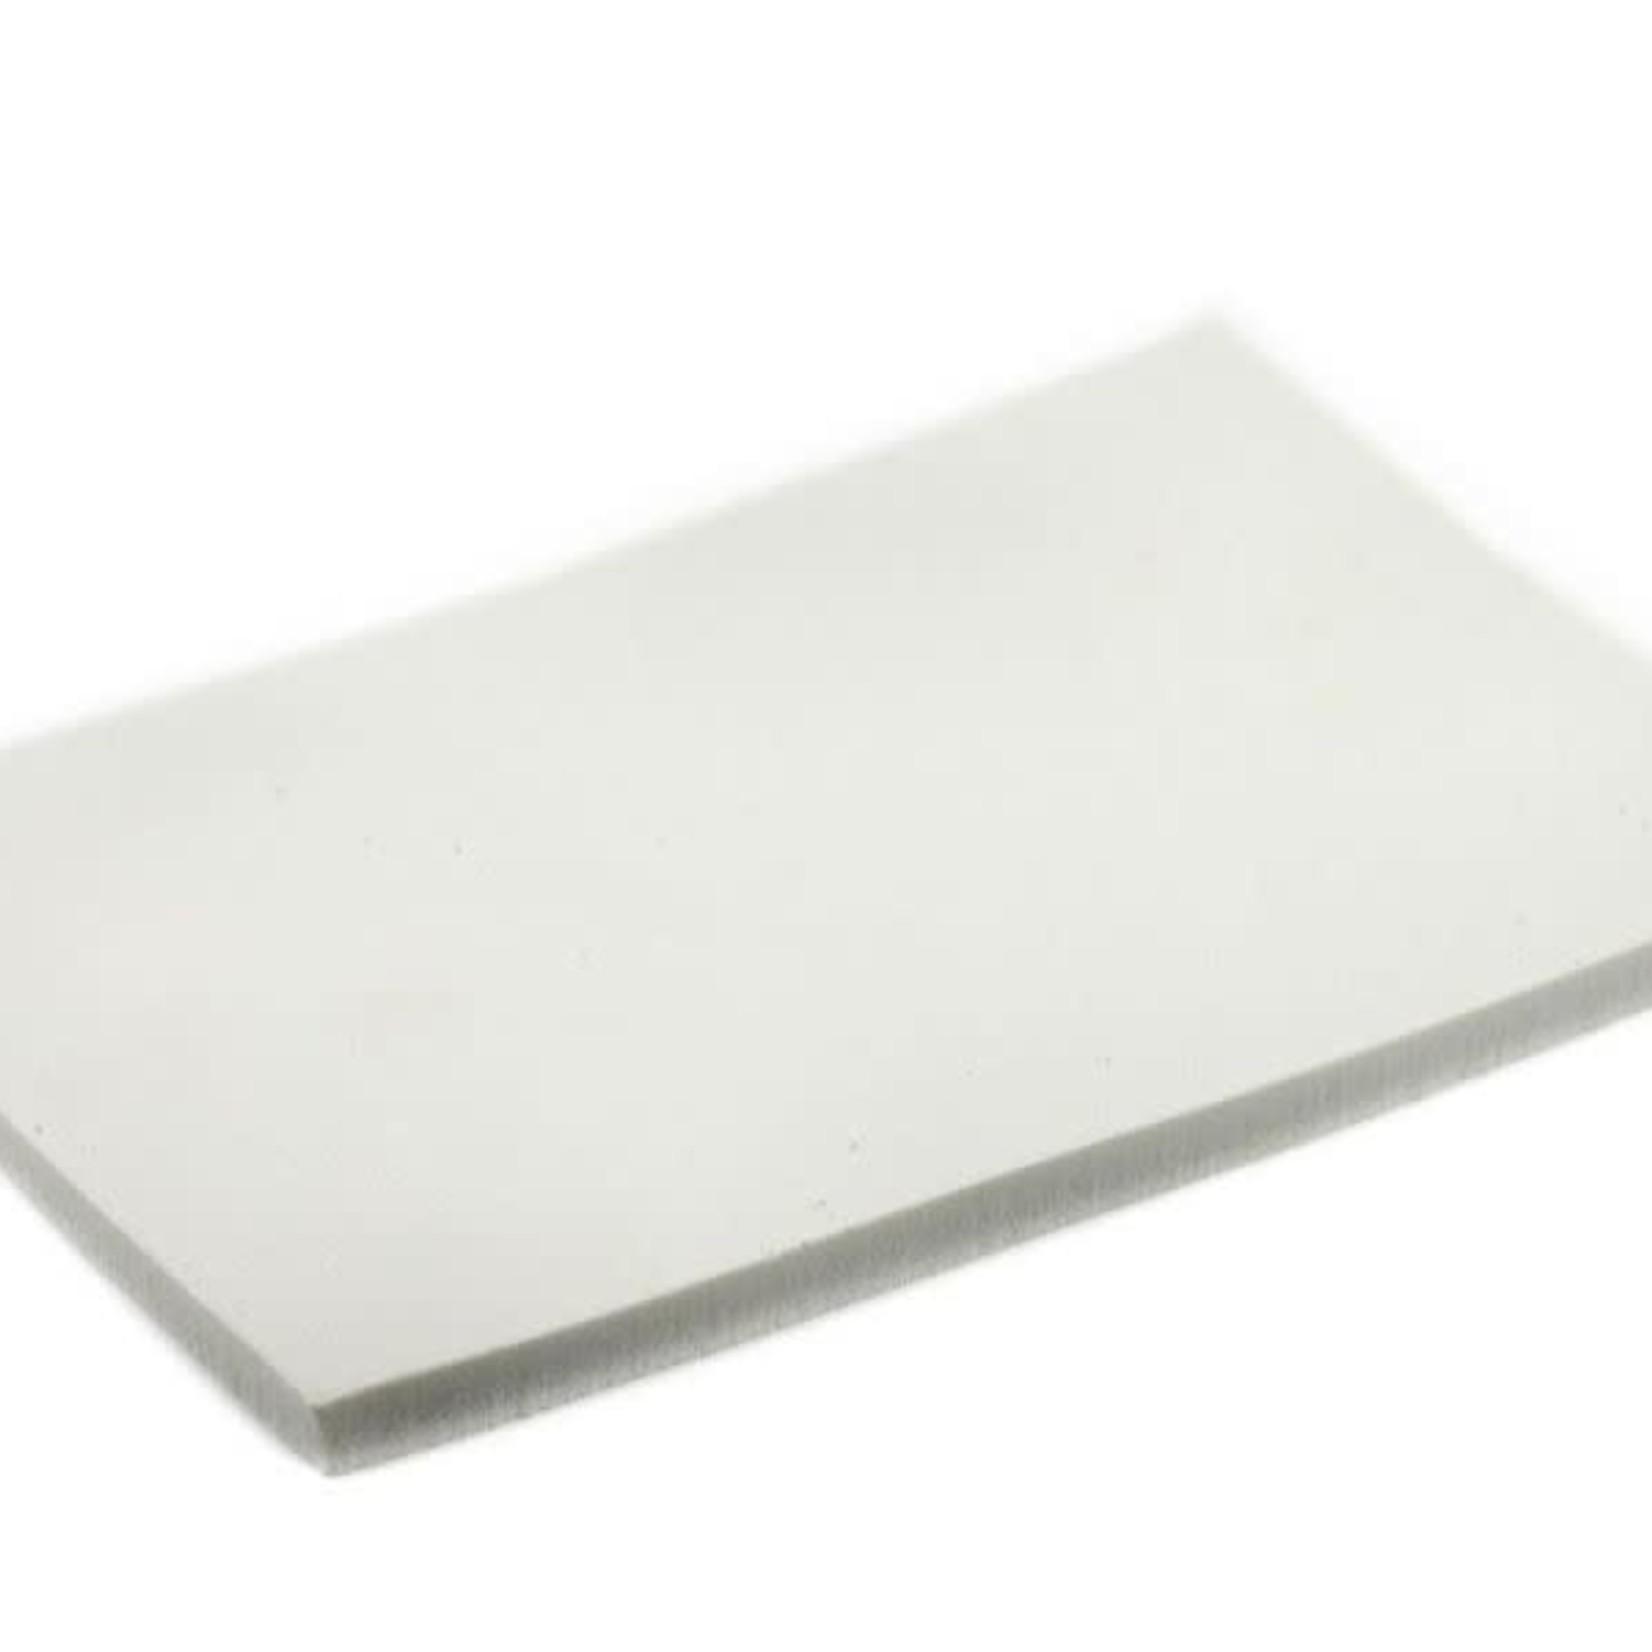 Dubro DUB514 Dubro 1/2'' Protective Foam Rubber